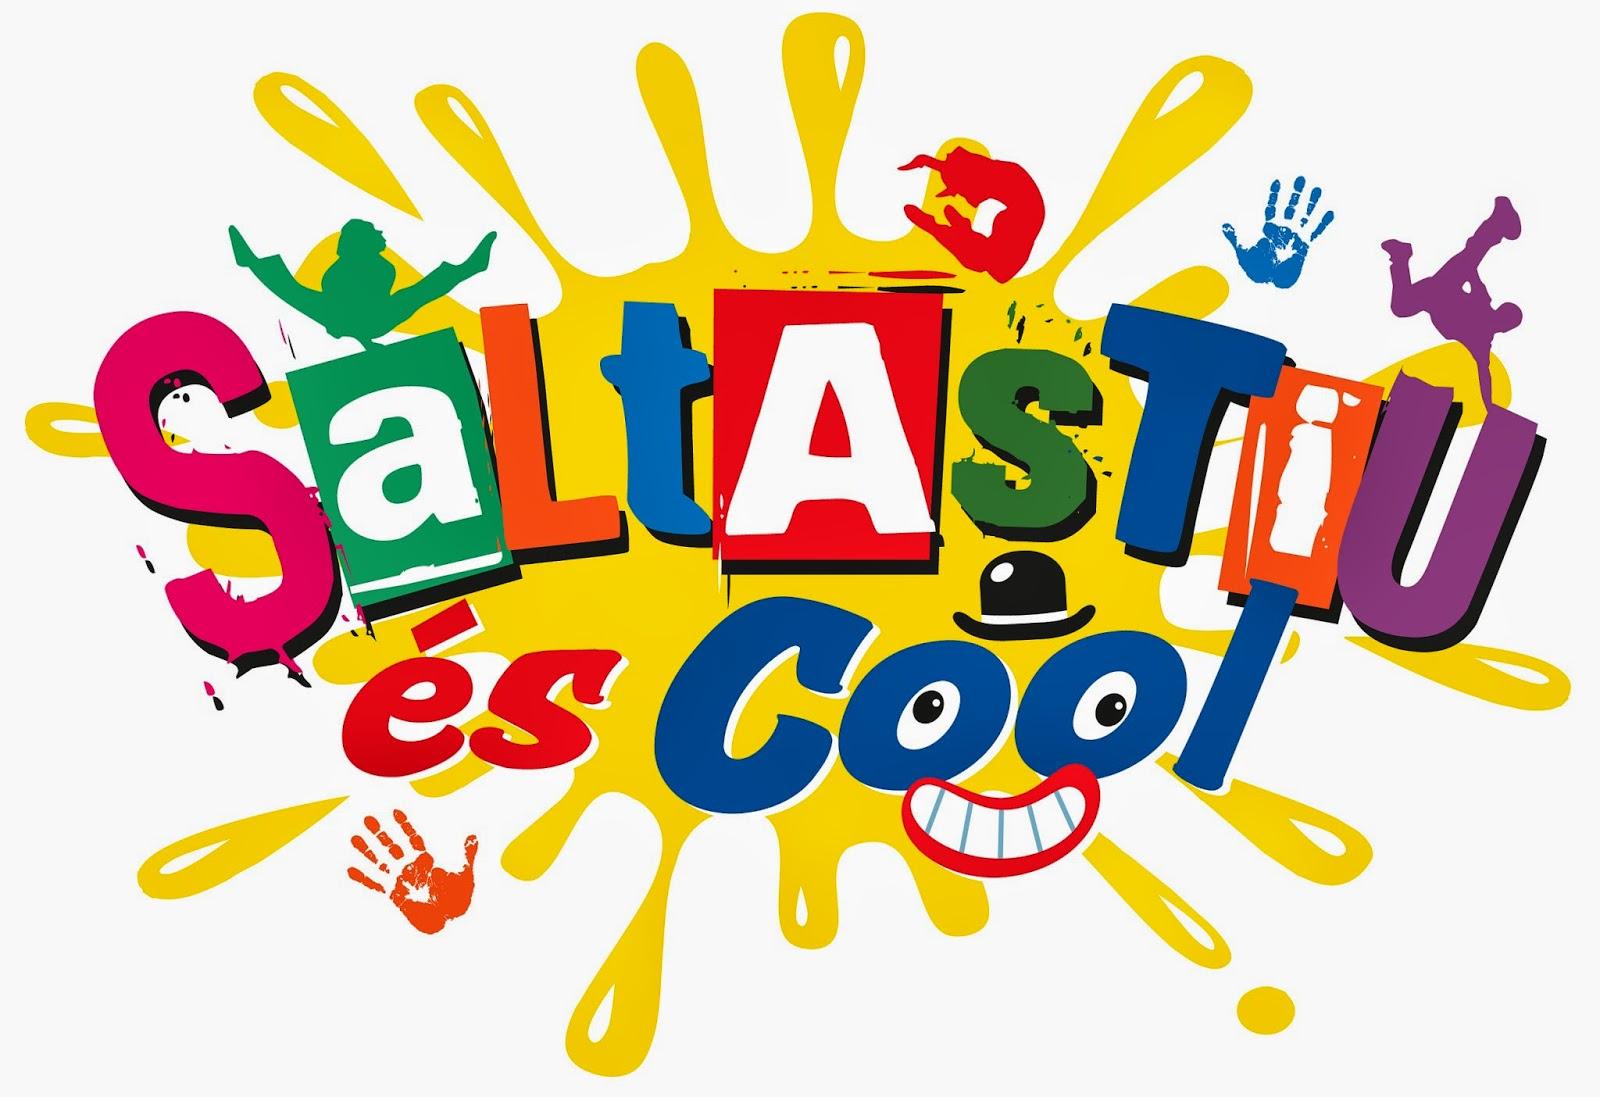 SALTASTIU_Ok